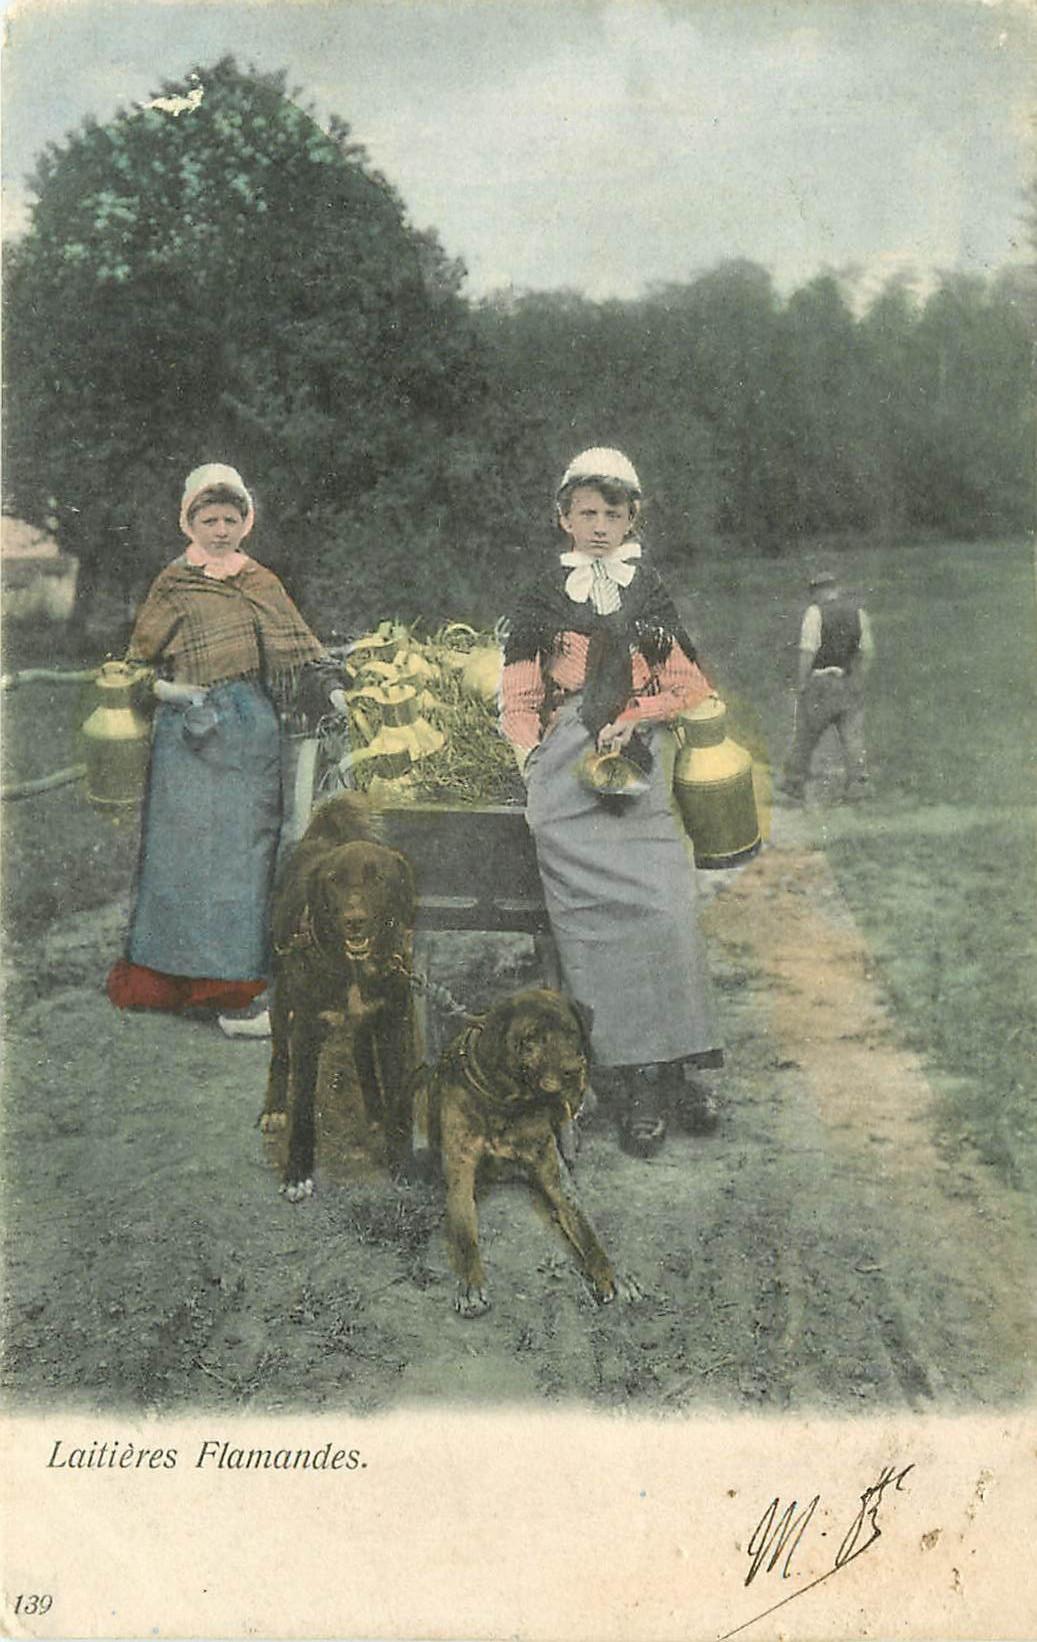 WW BELGIQUE. Laitières Flamandes avec attelage de Chiens 1905